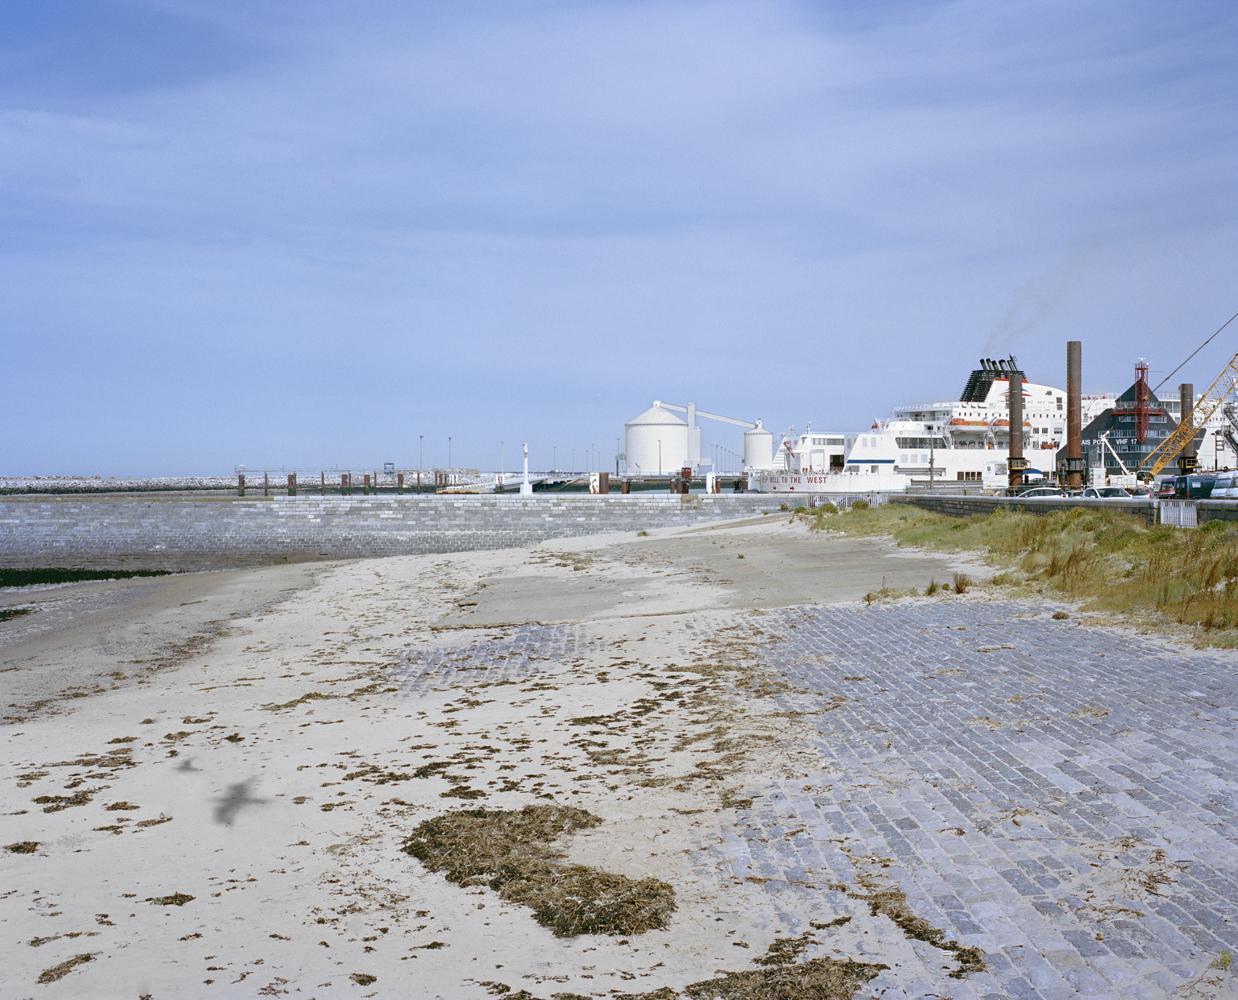 Port de Calais, Calais, France